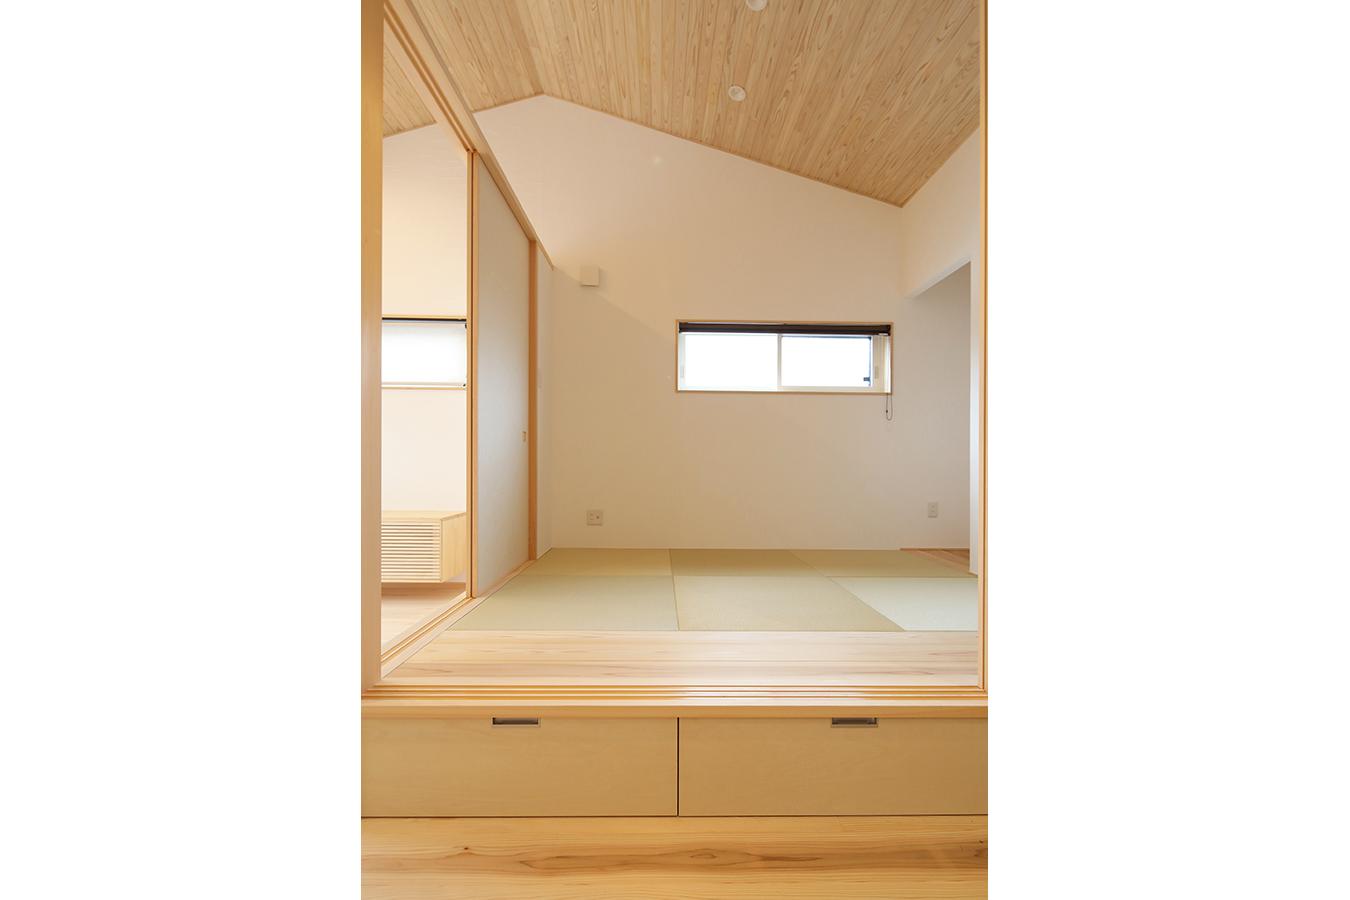 ふすまを閉めると個室として使用できる明るい和室